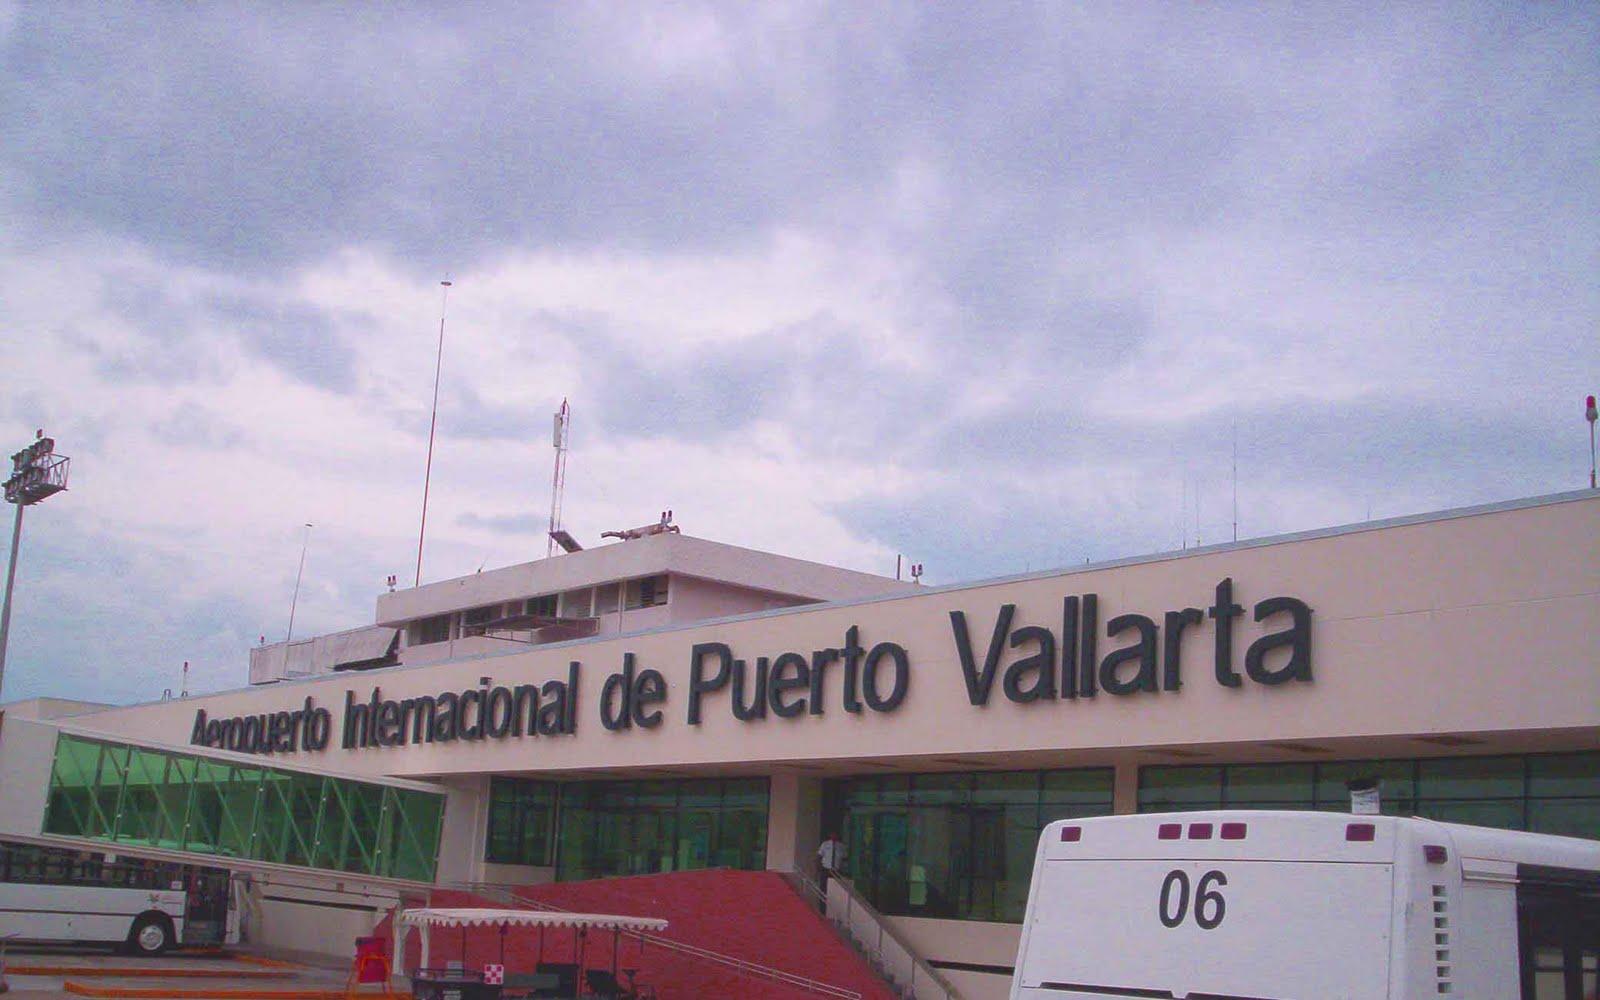 Aeropuerto Internacional de Puerto Vallarta (Lic. Gustavo Díaz Ordaz) -  Aerolíneas Mexicanas